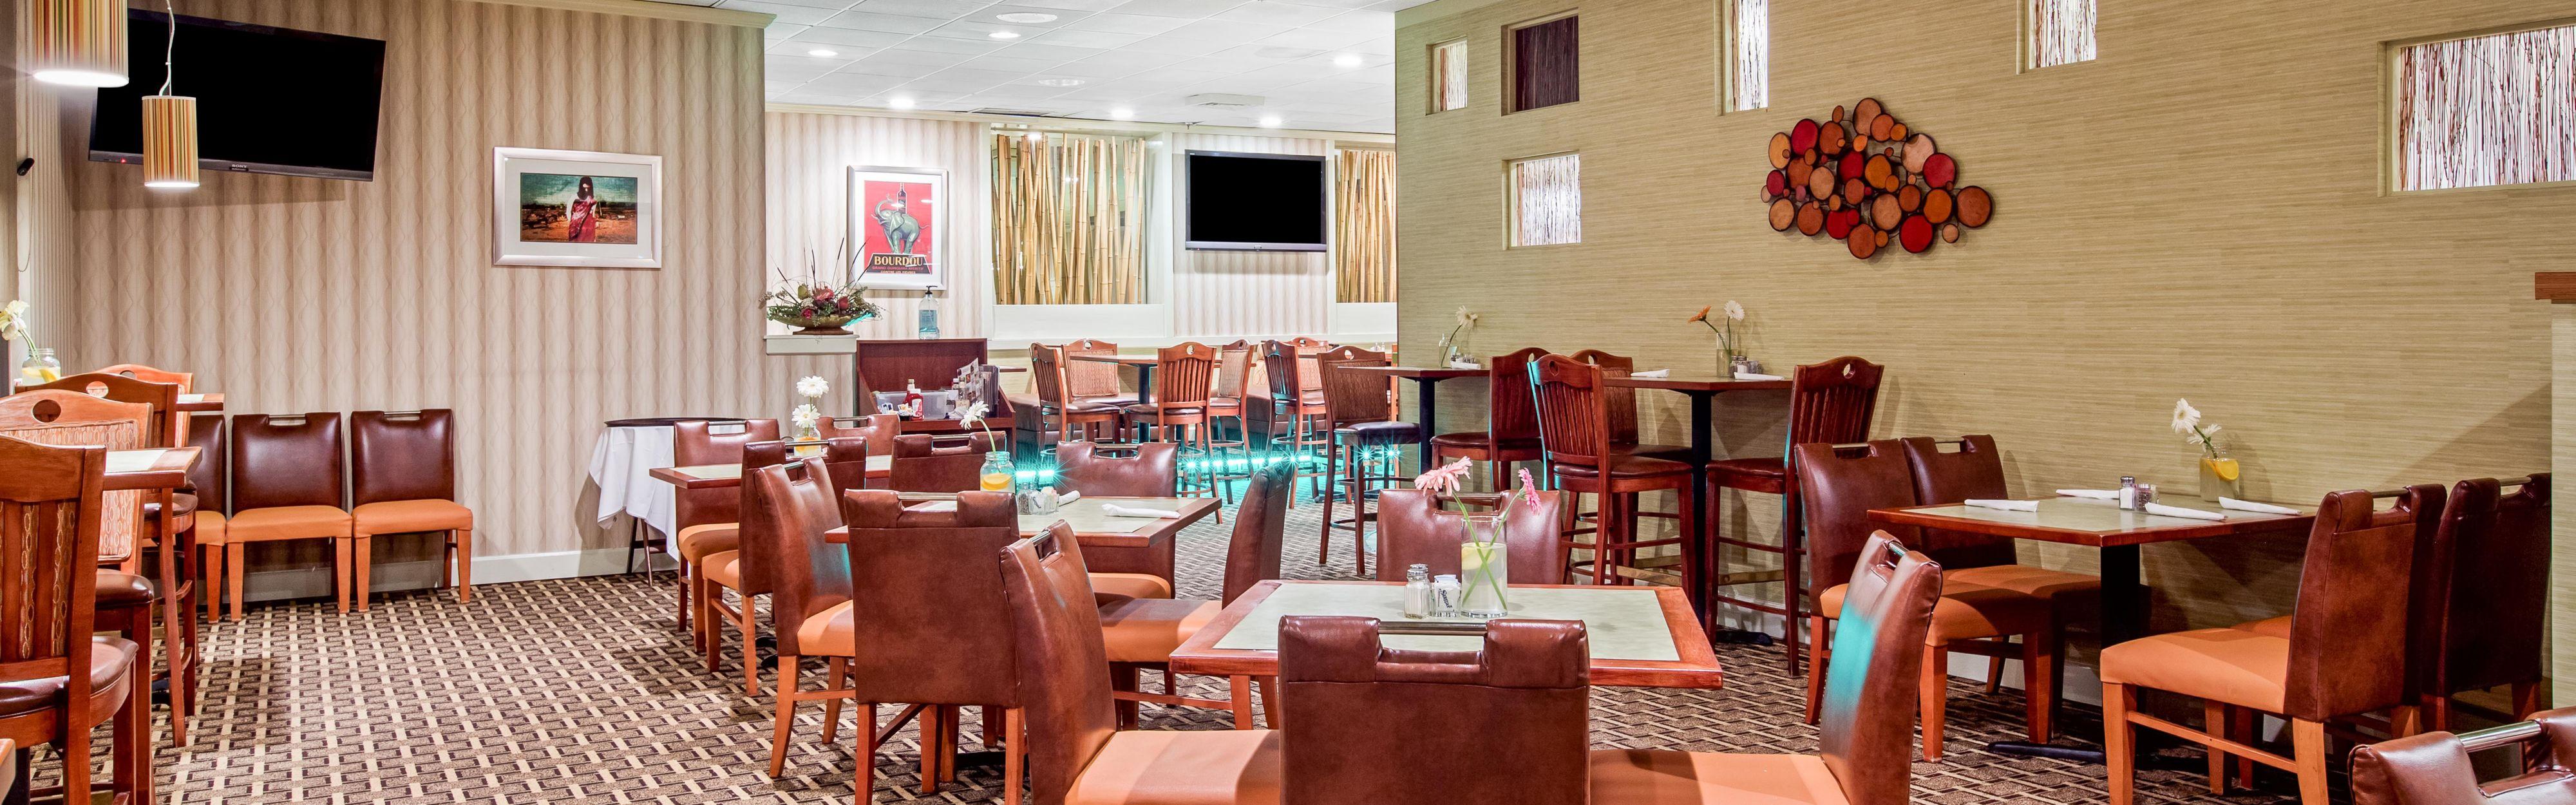 Holiday Inn Roanoke-Tanglewood-Rt 419&I581 image 3